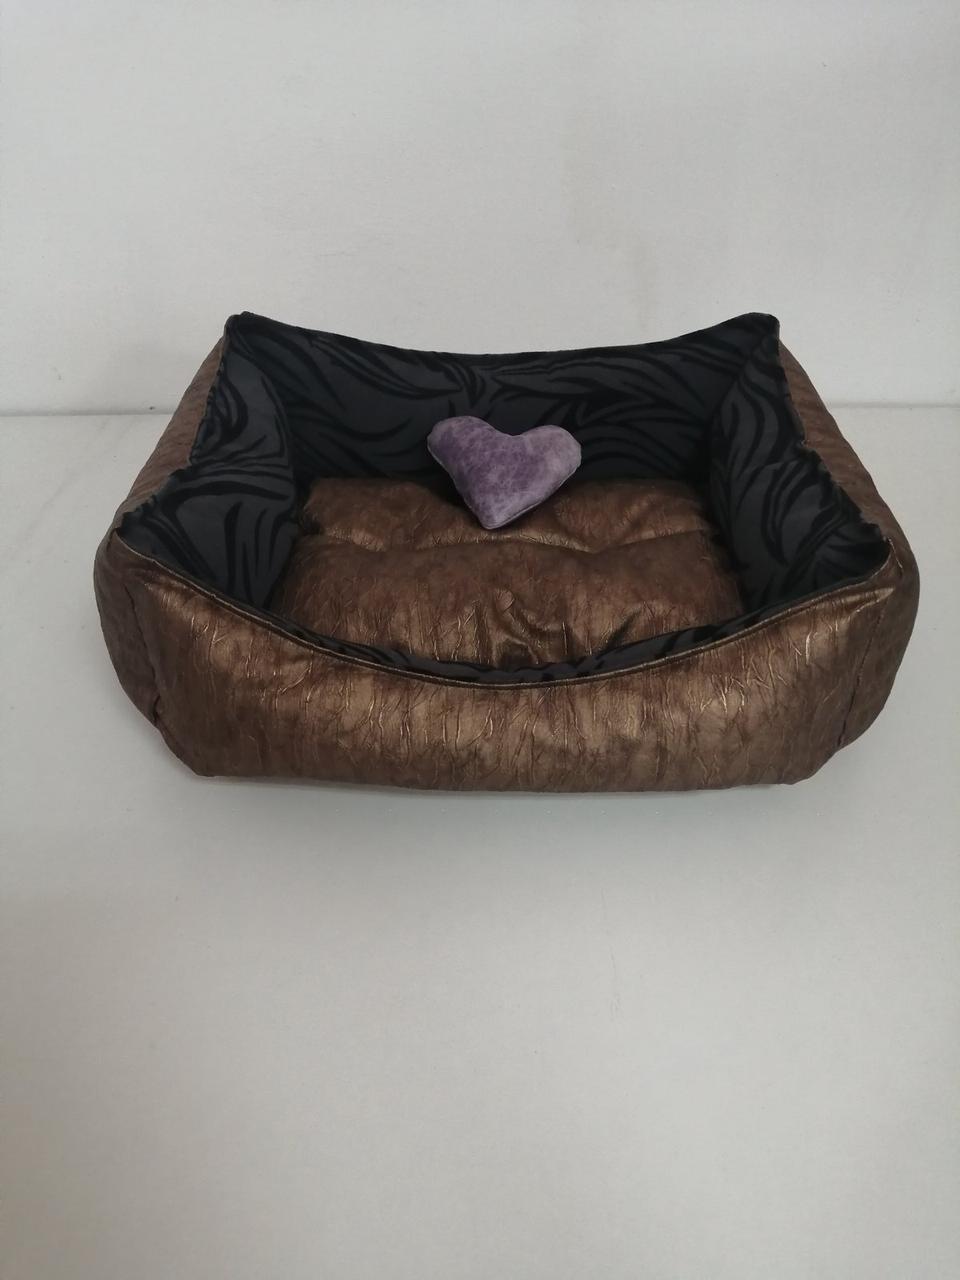 Лежанка 60 х 50 см.Лежанка,Лежаки,лежак,лежак для кошки,лежак для собак,лежанка для собак,лежанка